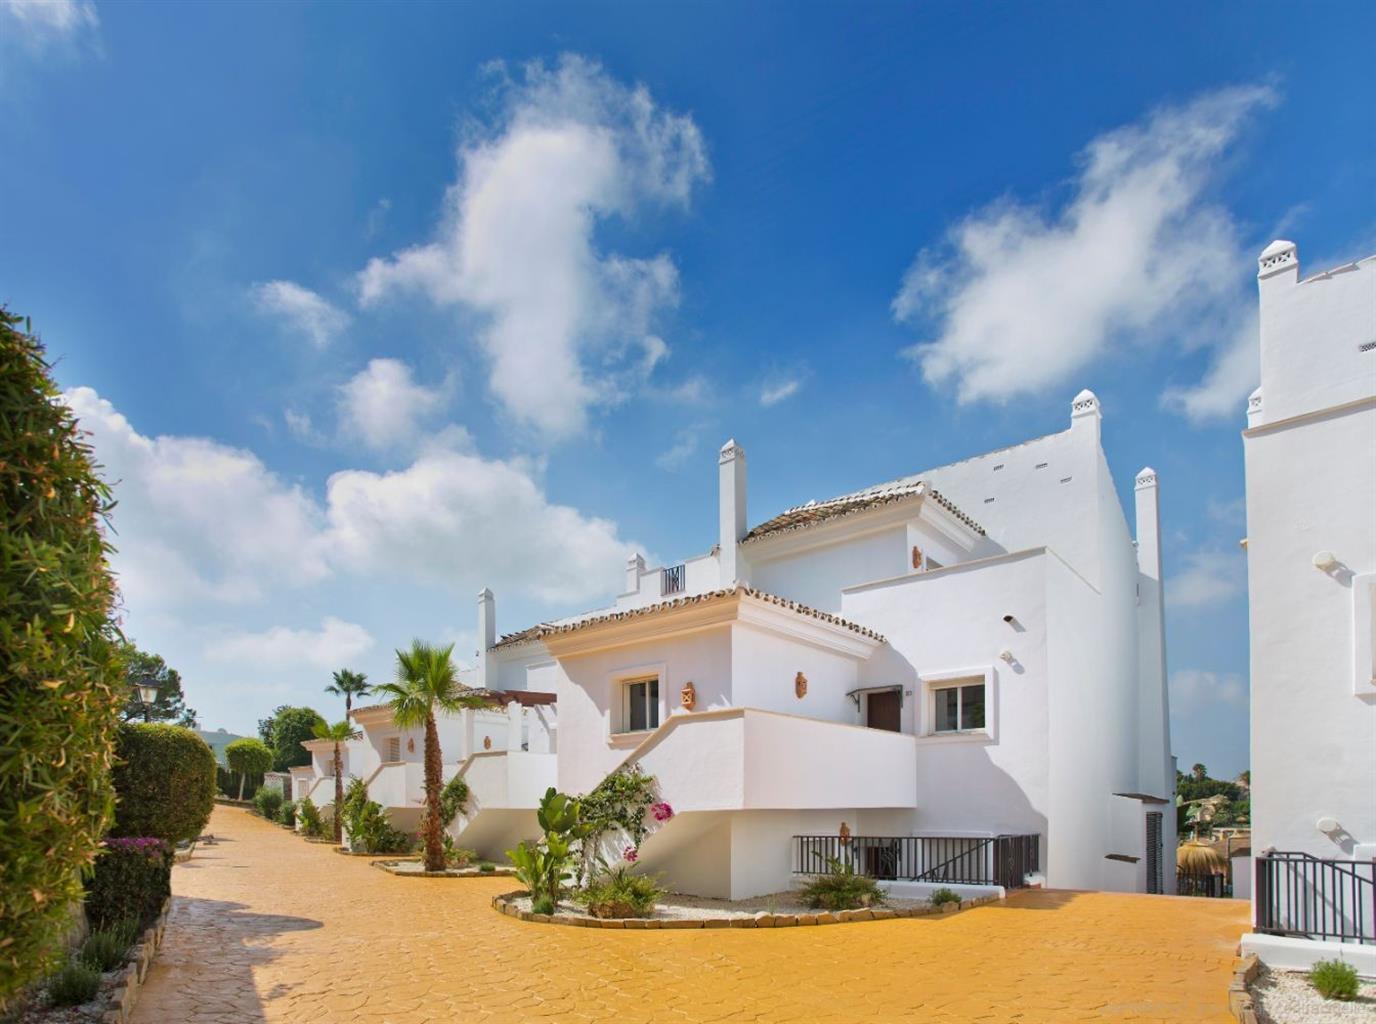 Nieuwe residentie van 49 appartementen met twee gemeenschappelijke zwembaden, kinderspeelplaats, gelegen in een exclusieve en bevoorrechte omgeving van de Costa del Sol: Puerto Banus.